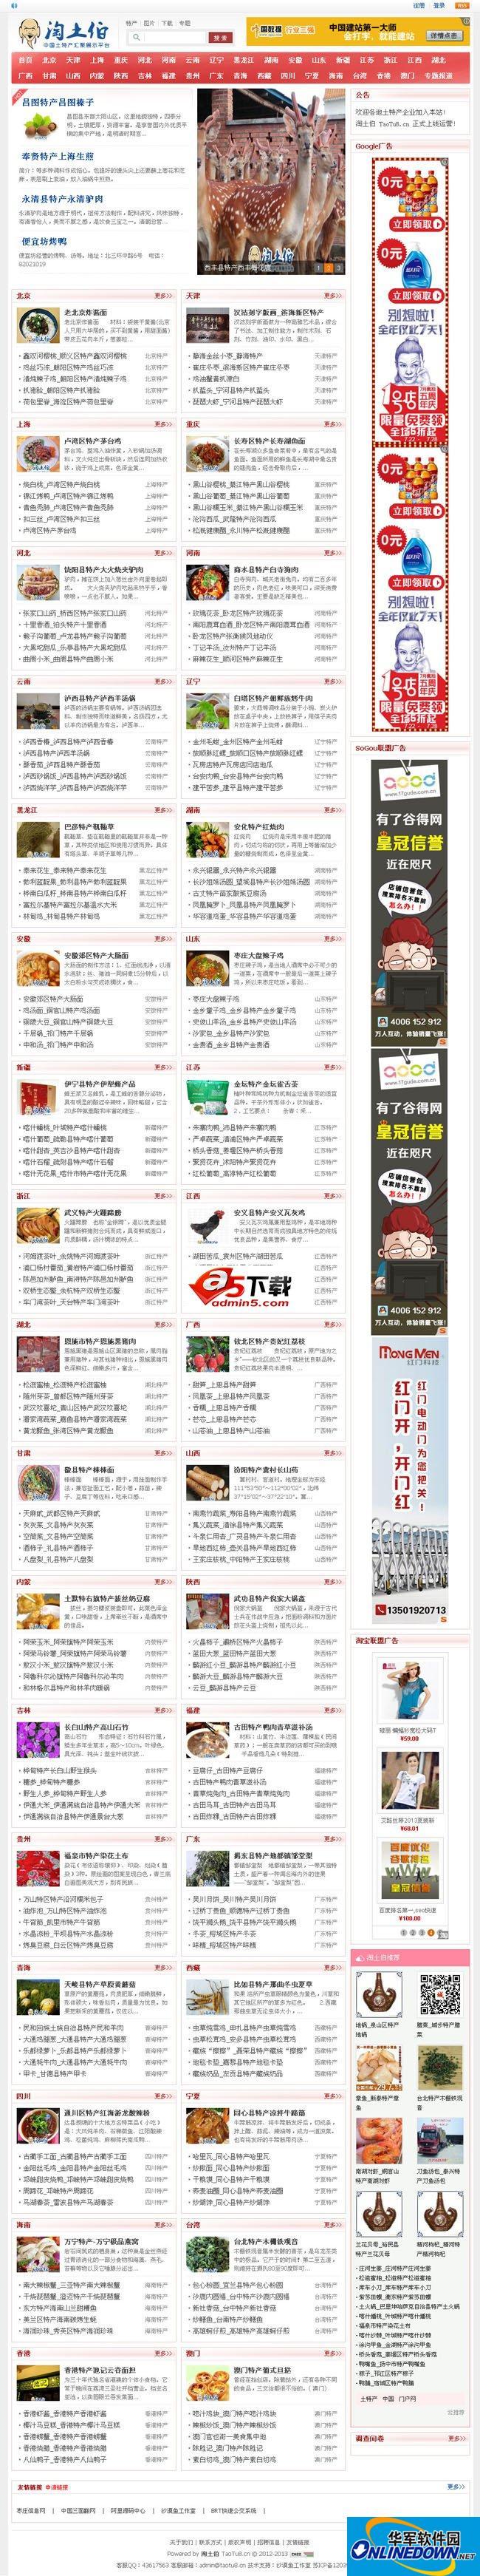 淘土伯V2013红色超大气V9内核 2013